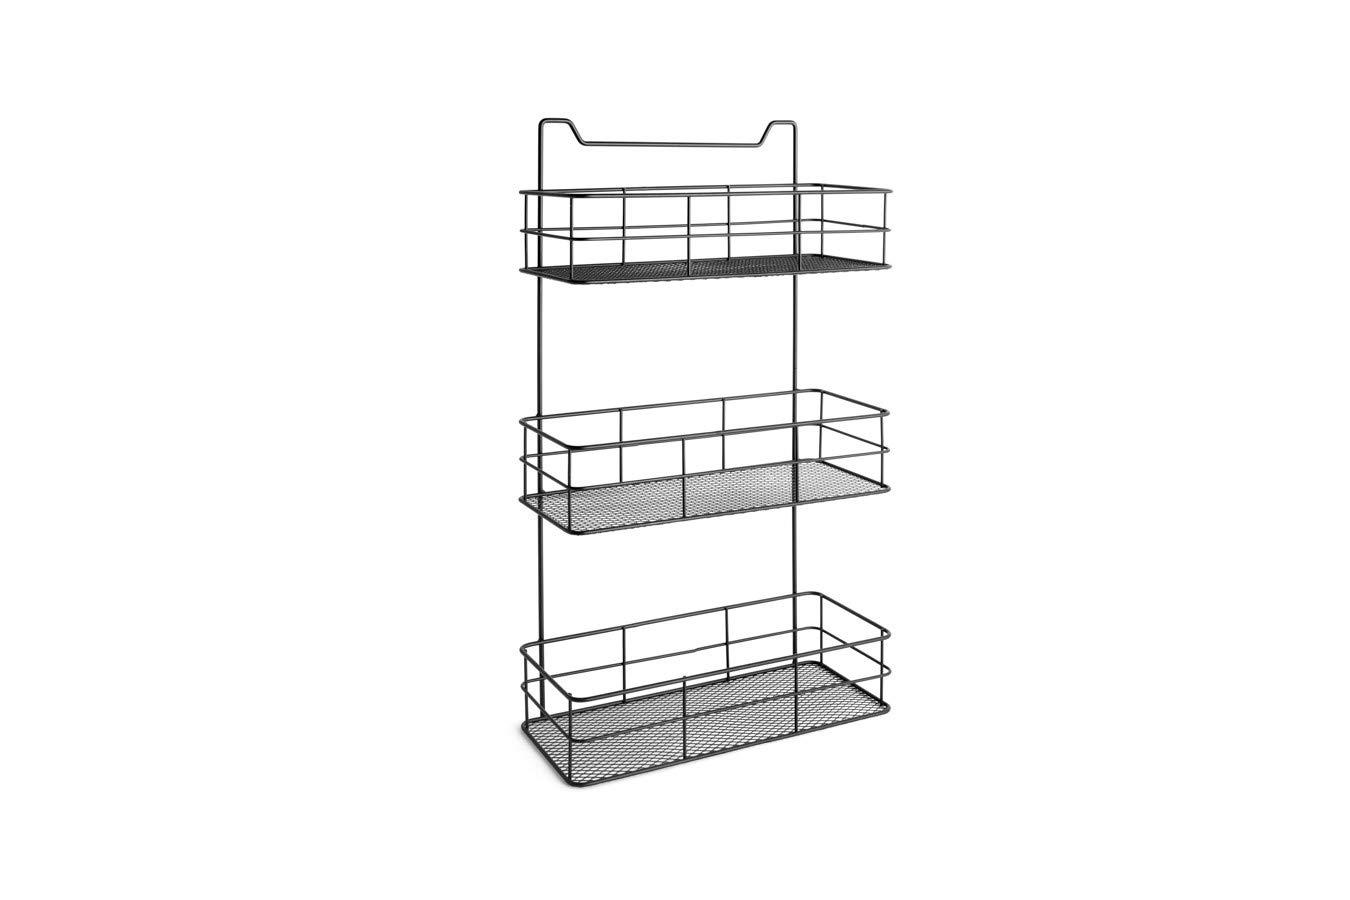 Forma de Cesta Sala de Estar 100/% Metal LIFA LIVING Estanter/ía Colgante de Puerta para ba/ño 2 Estantes organizativos de Puerta Dormitorio